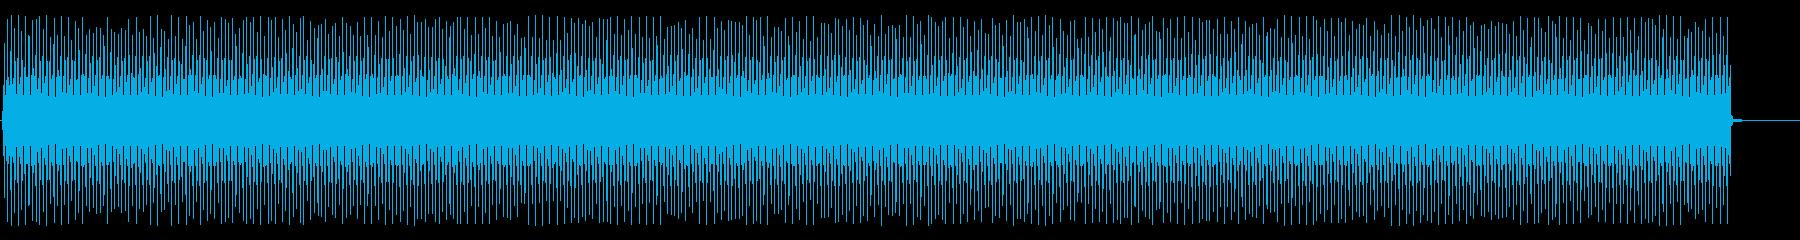 ヘビーグラウンドハム、ショートの再生済みの波形